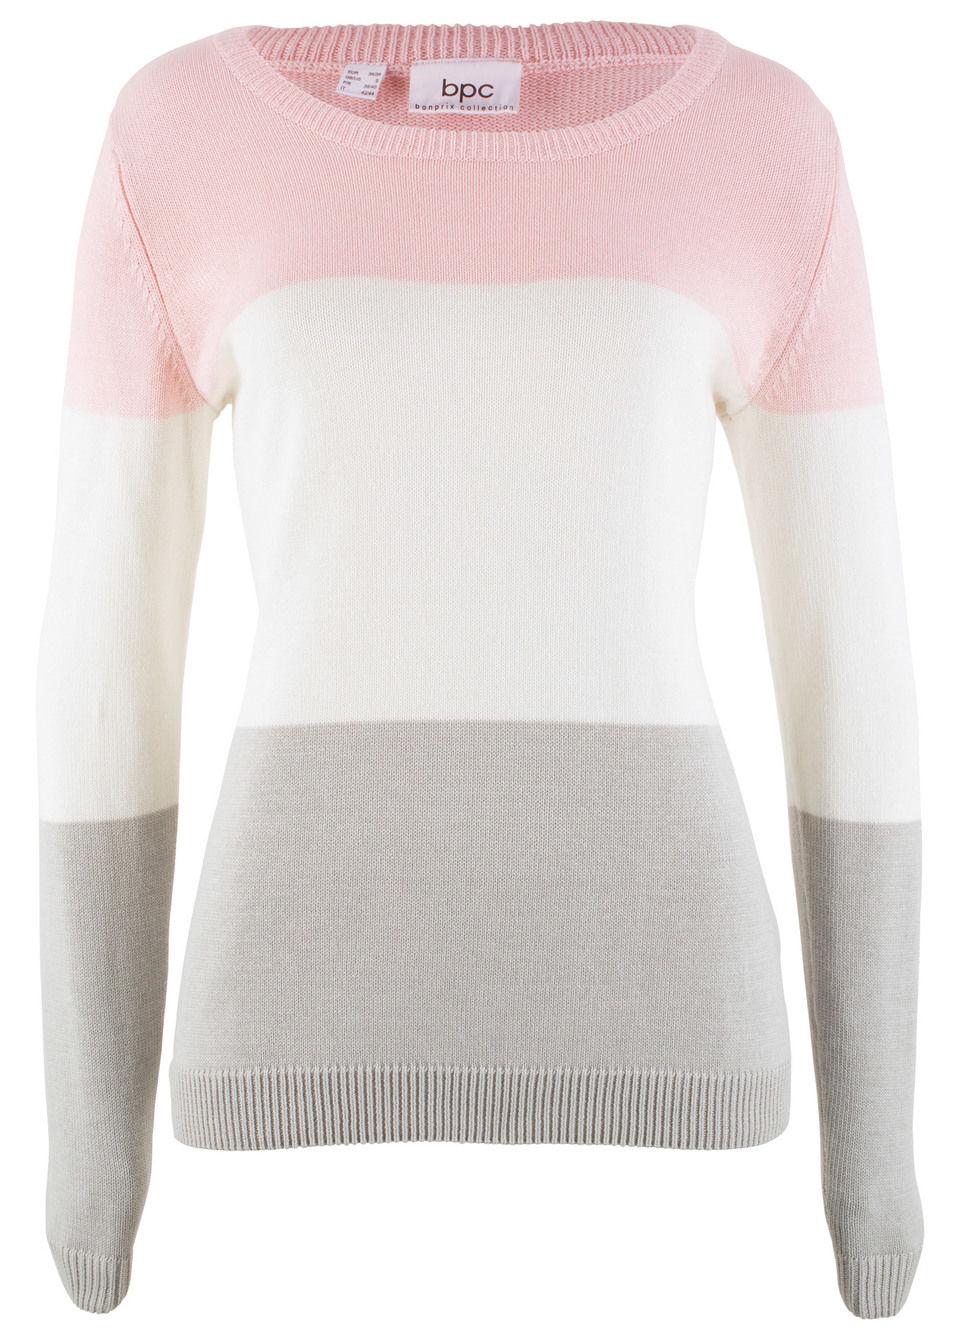 Фото - Пуловер от bonprix цвет нежно-розовый в полоску